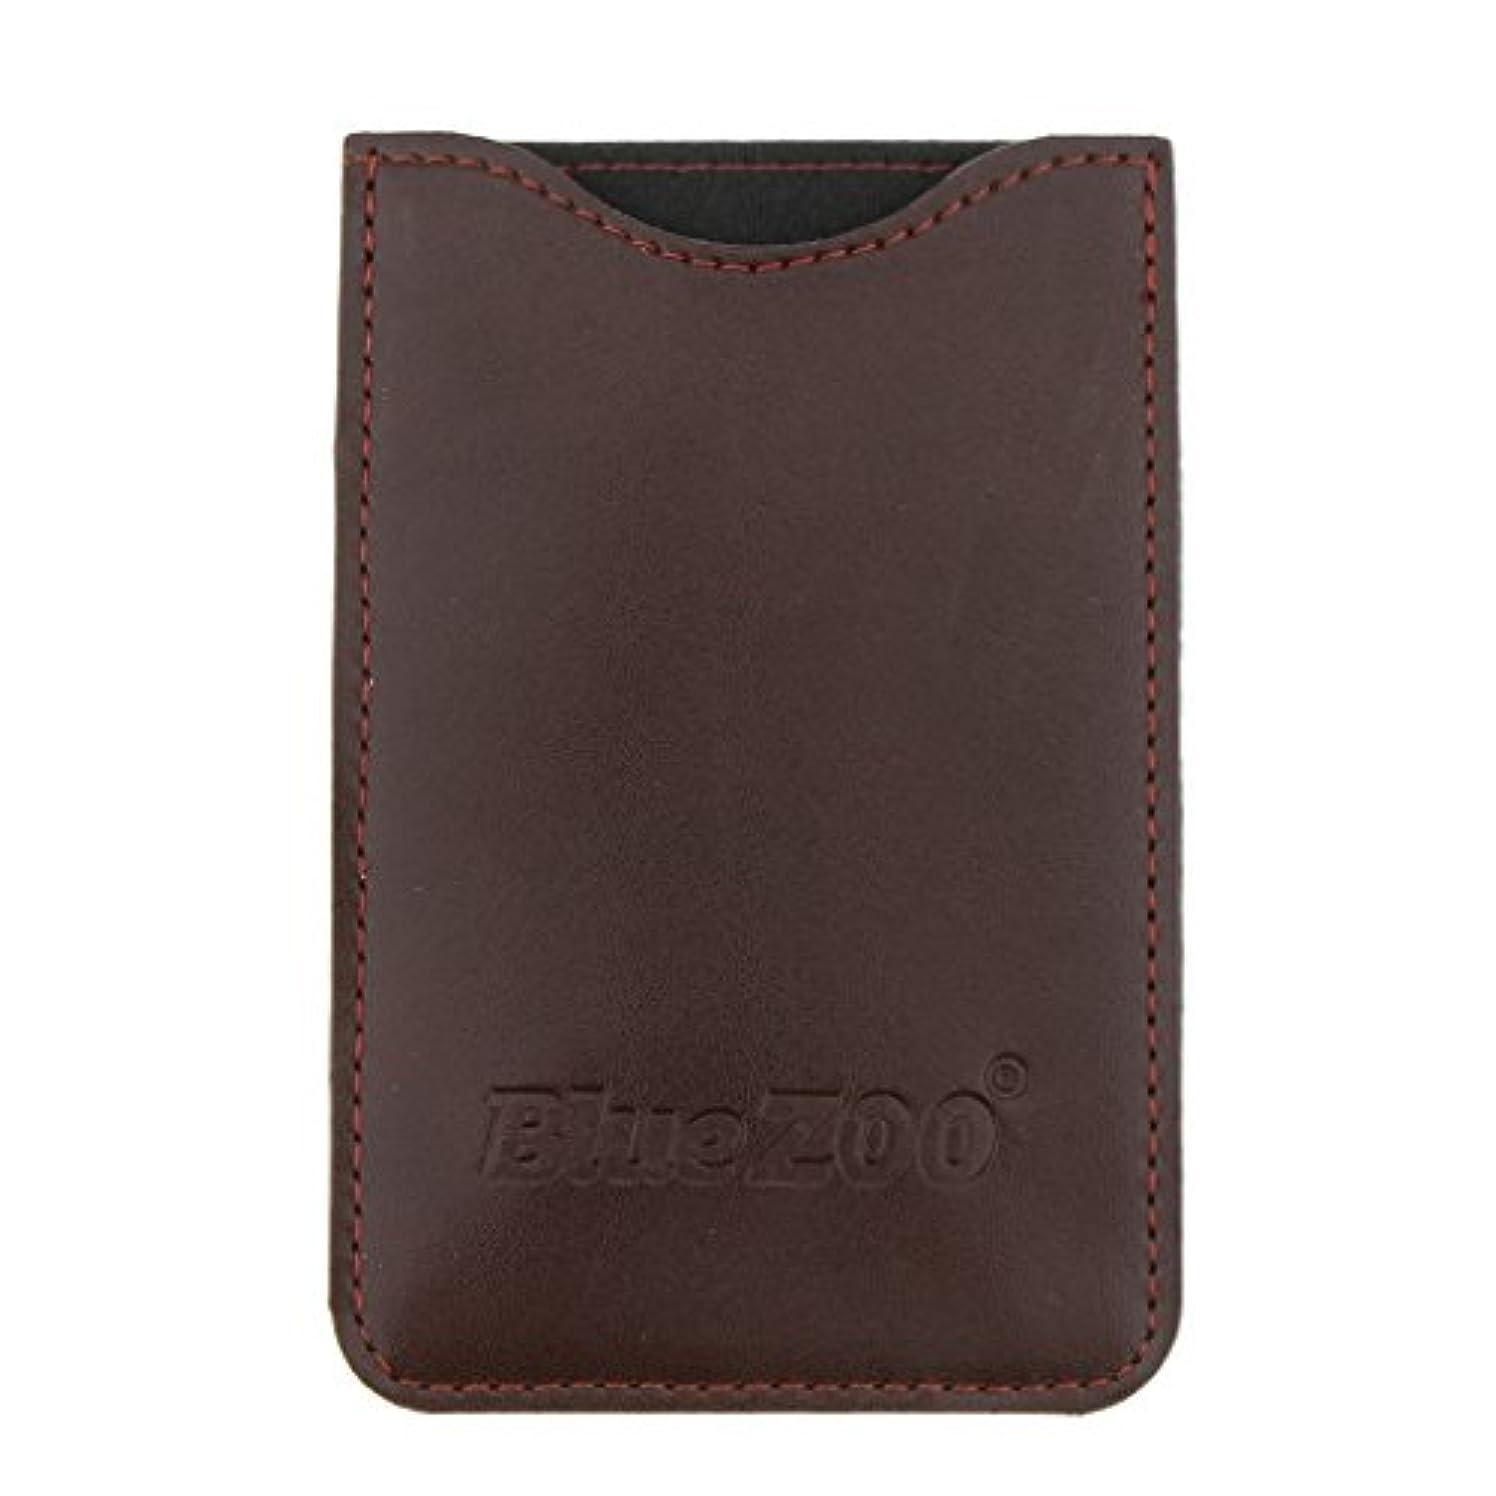 夢四回単位Kesoto コームバッグ 収納ケース 収納パック 保護カバー PUレザー 櫛/ヘアブラシ/名刺/IDカード/銀行カード バッグ オーガナイザー 全2色  - 褐色